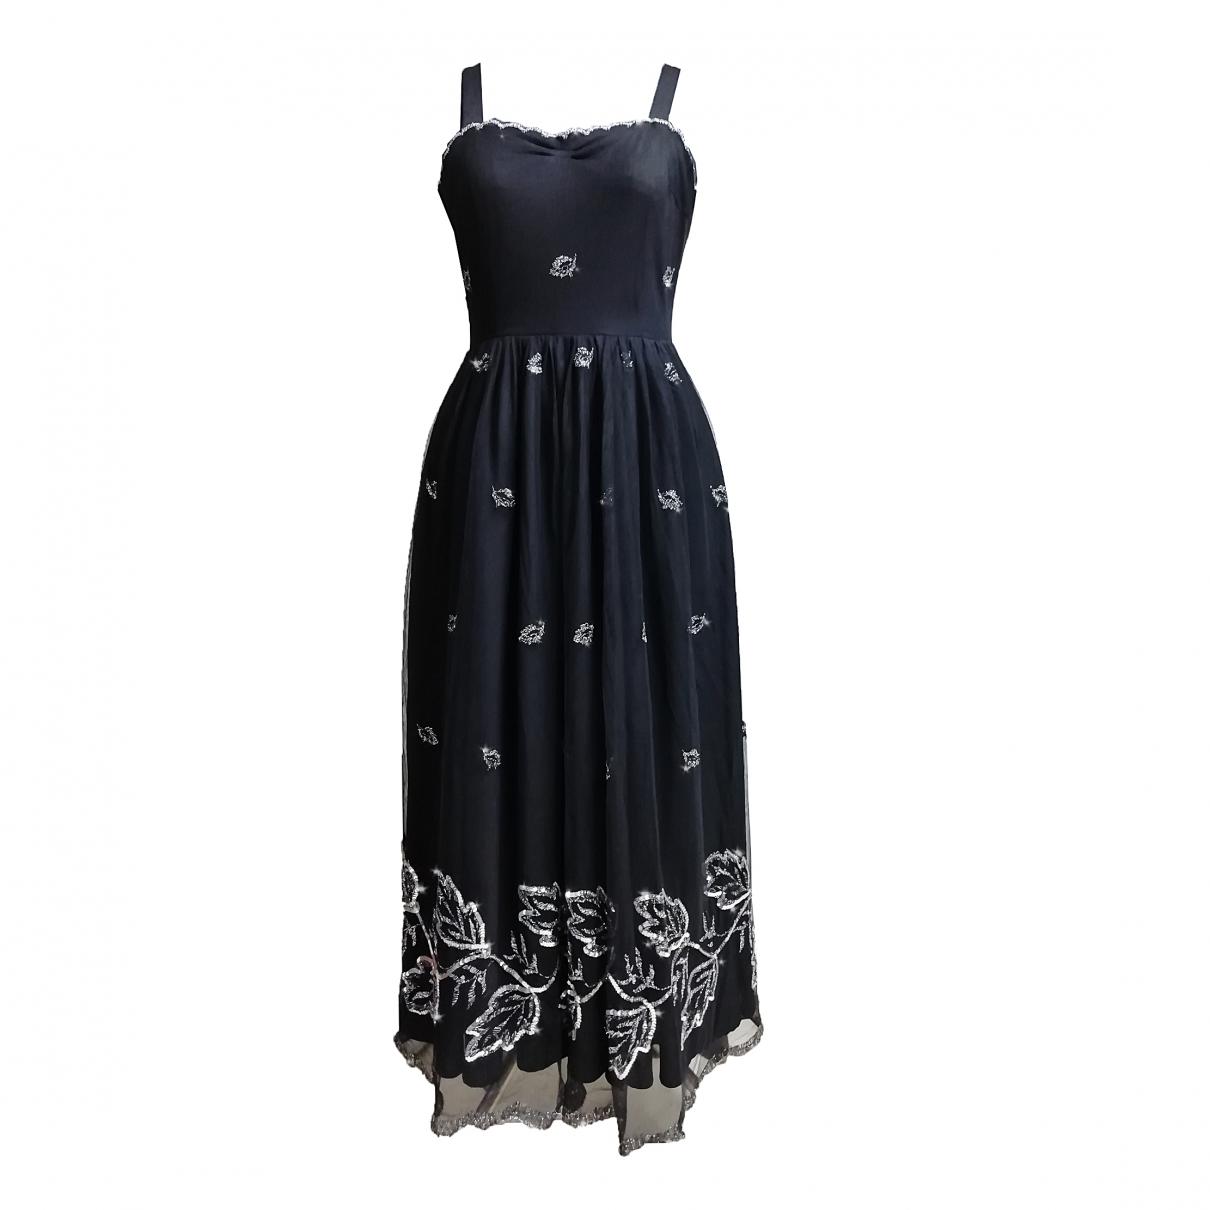 Dorette \N Black Glitter dress for Women L International